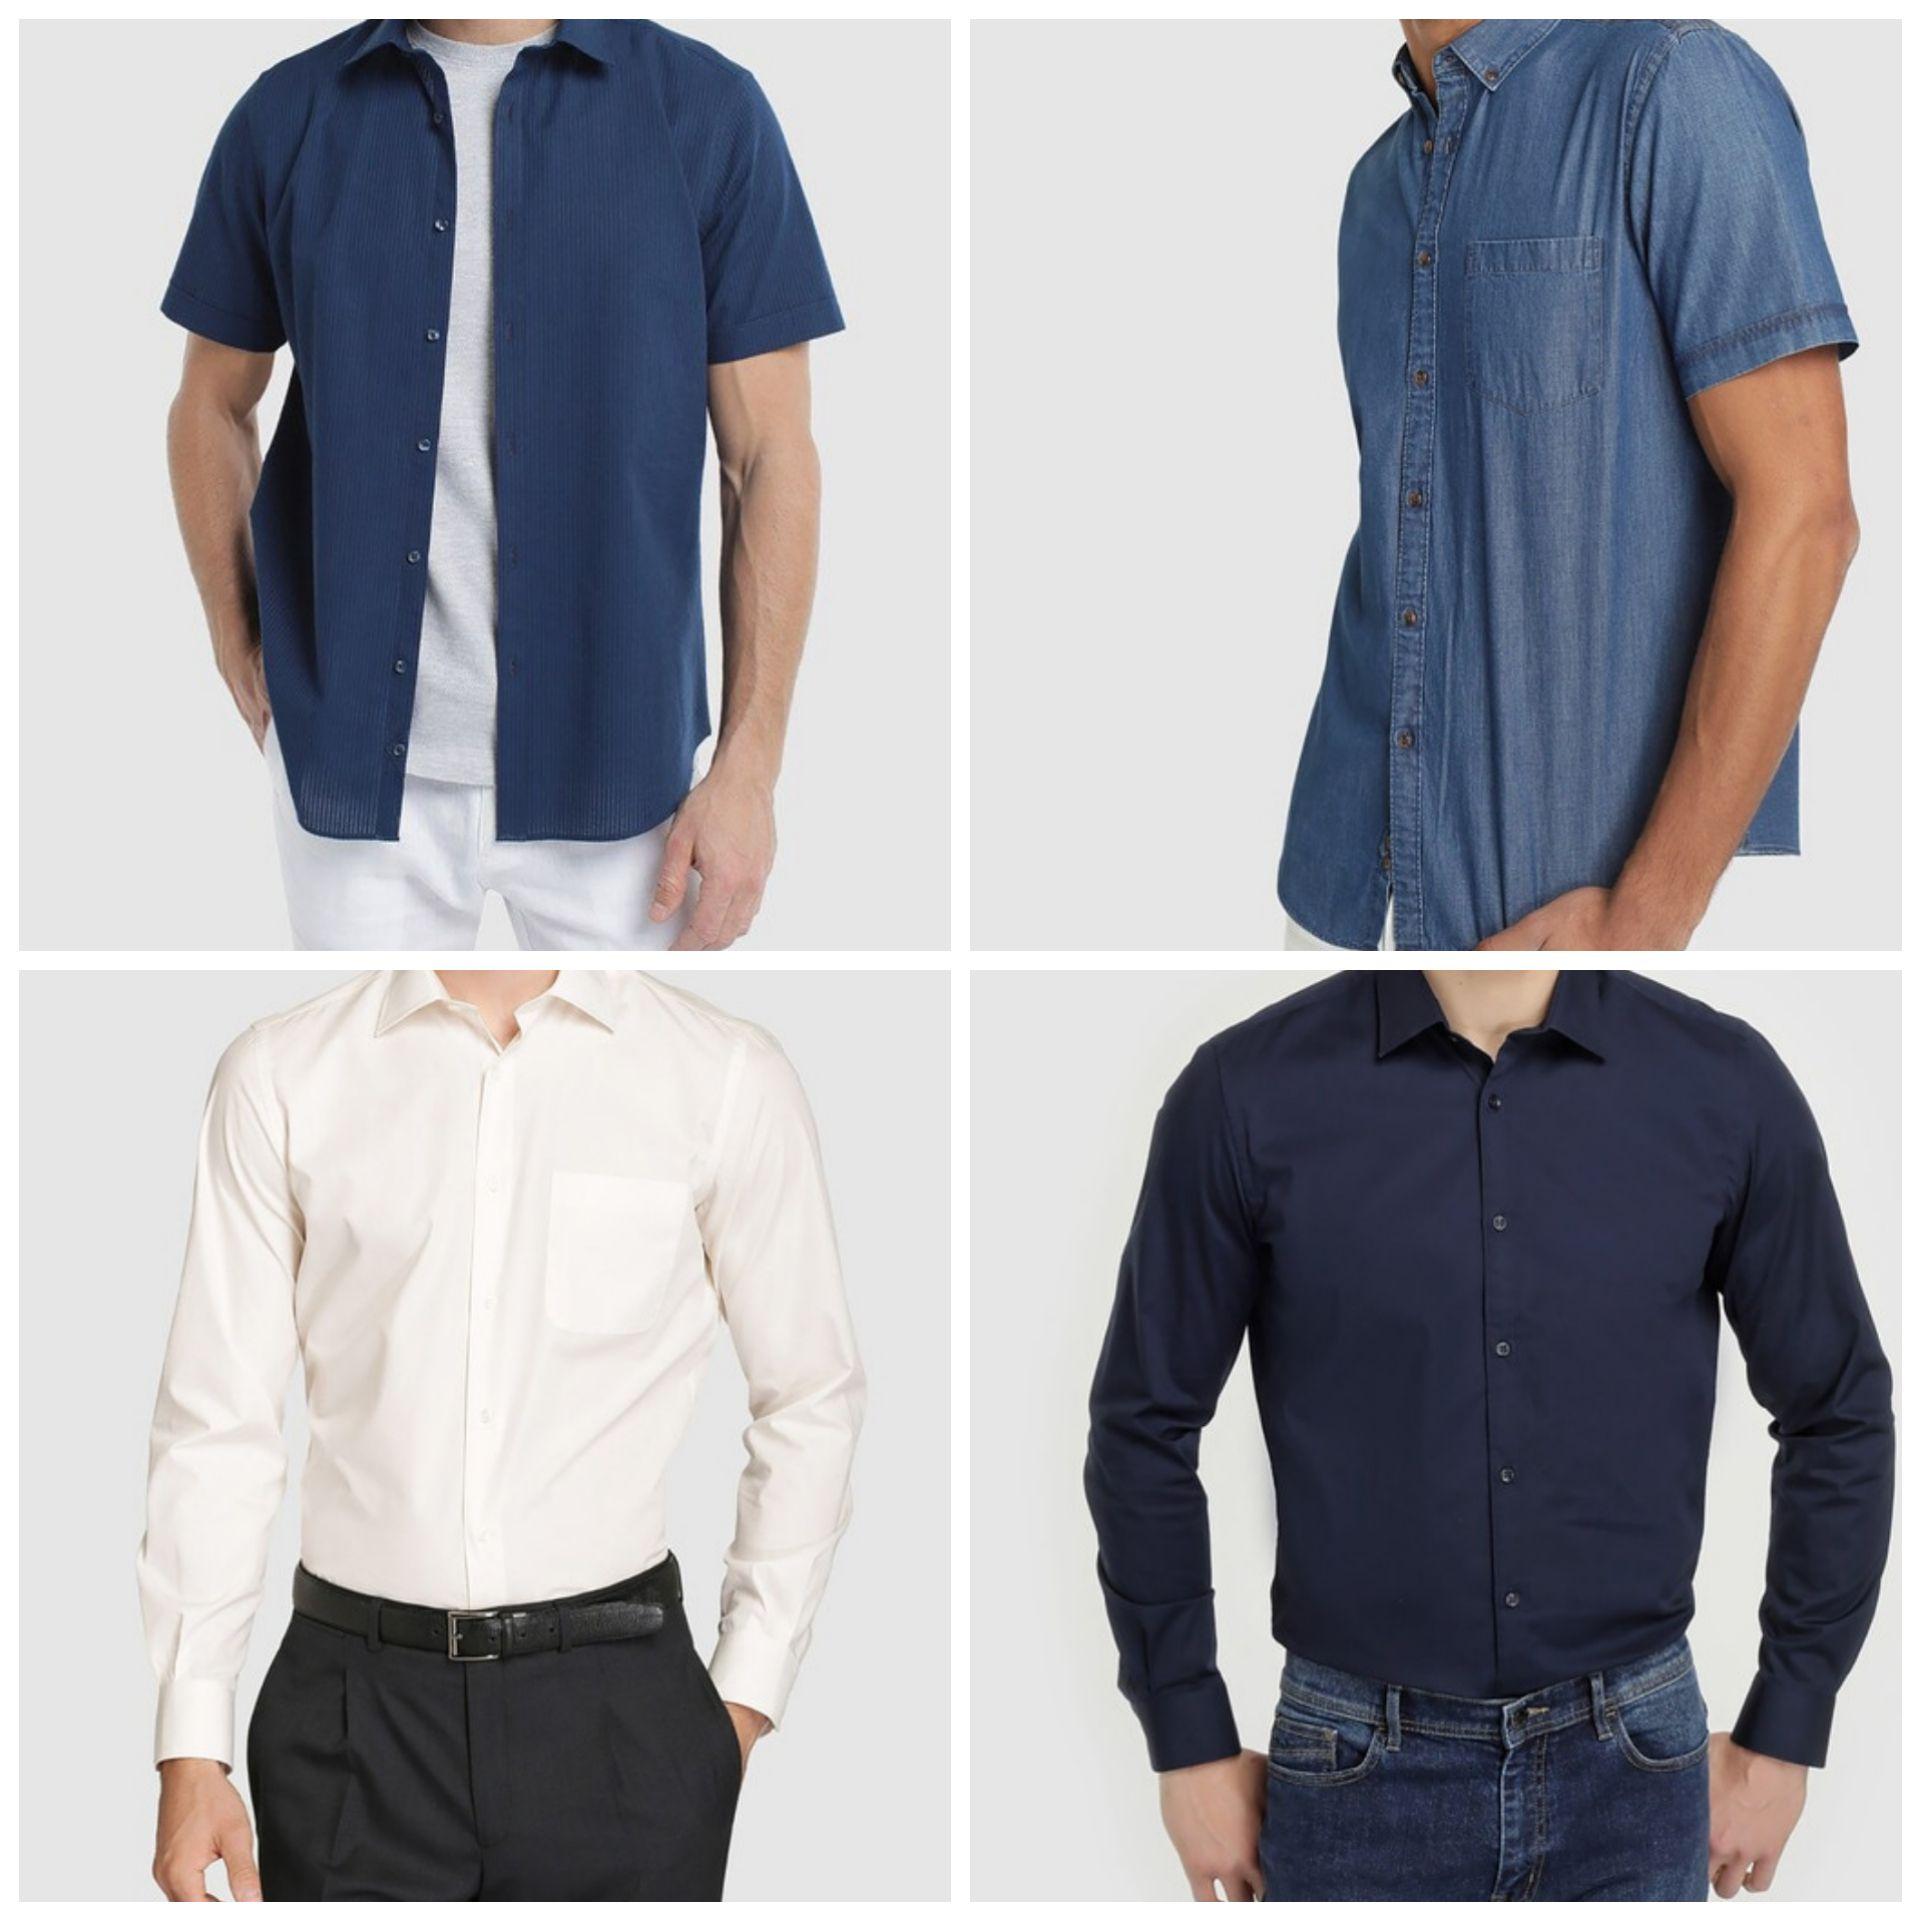 Camisas Dustin para Hombre por 5€ y 7€